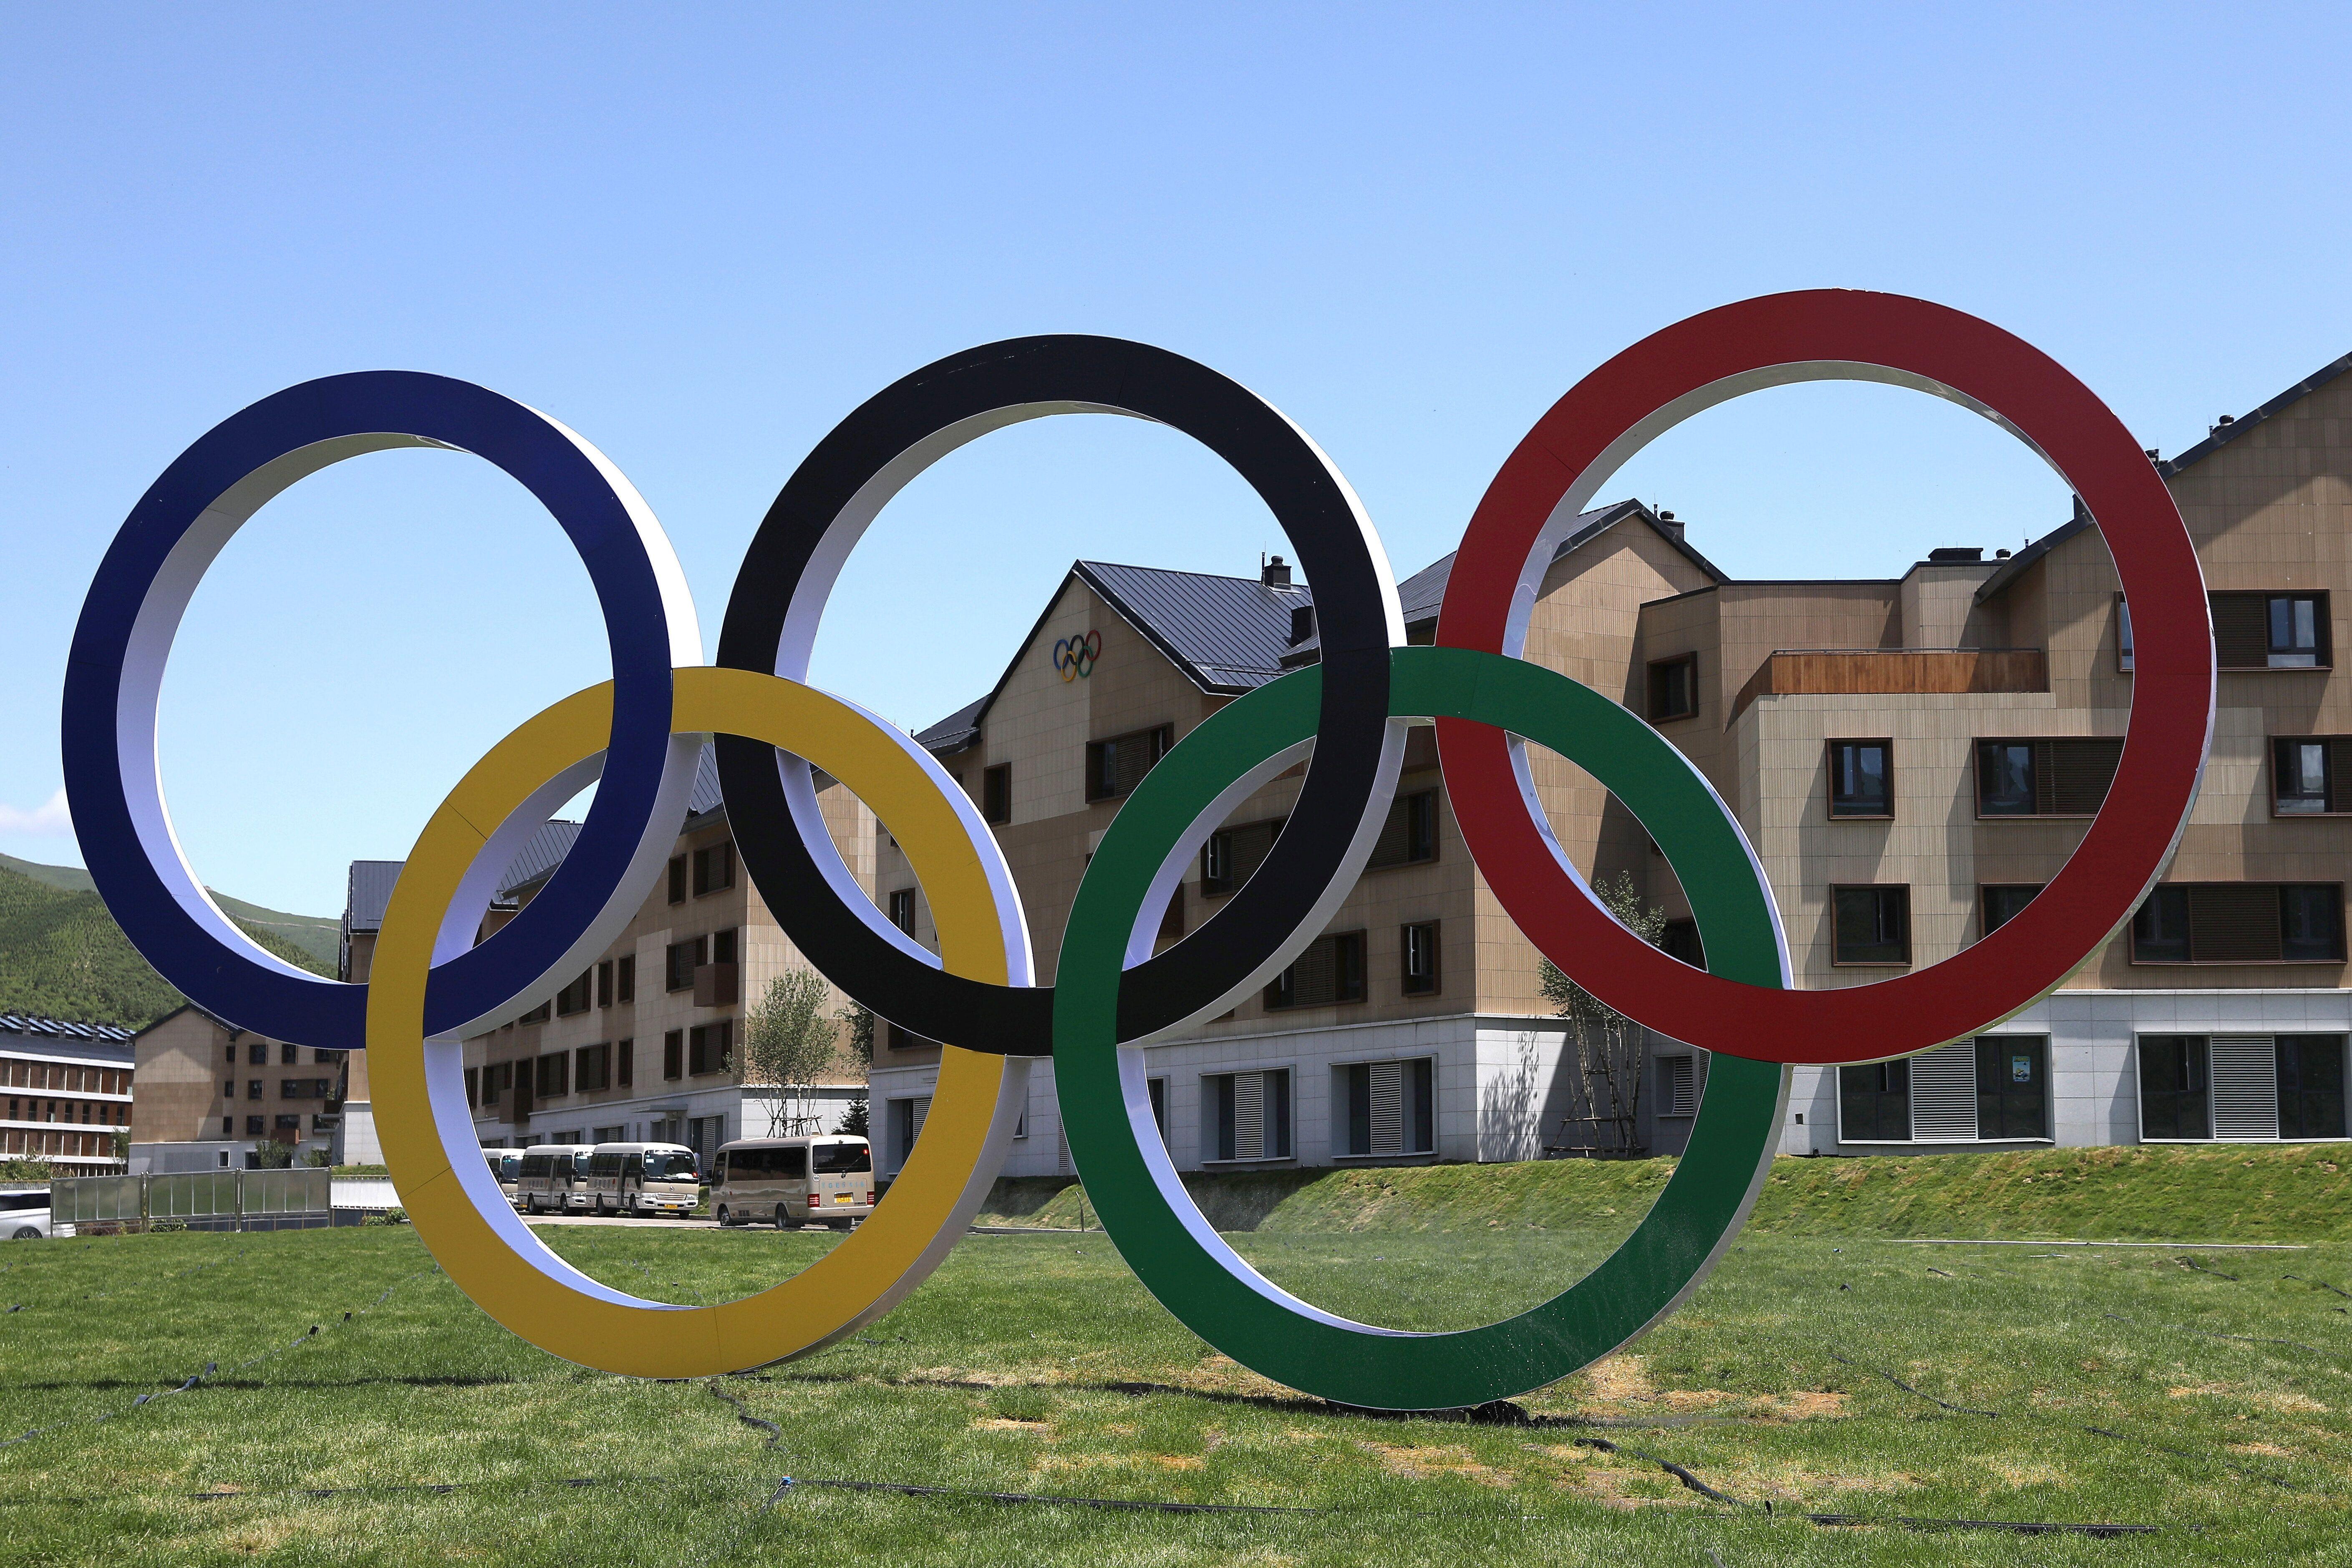 Les anneaux olympiques devant le village olympique et paralympique de Zhangjiakou pour les JO d'hiver...